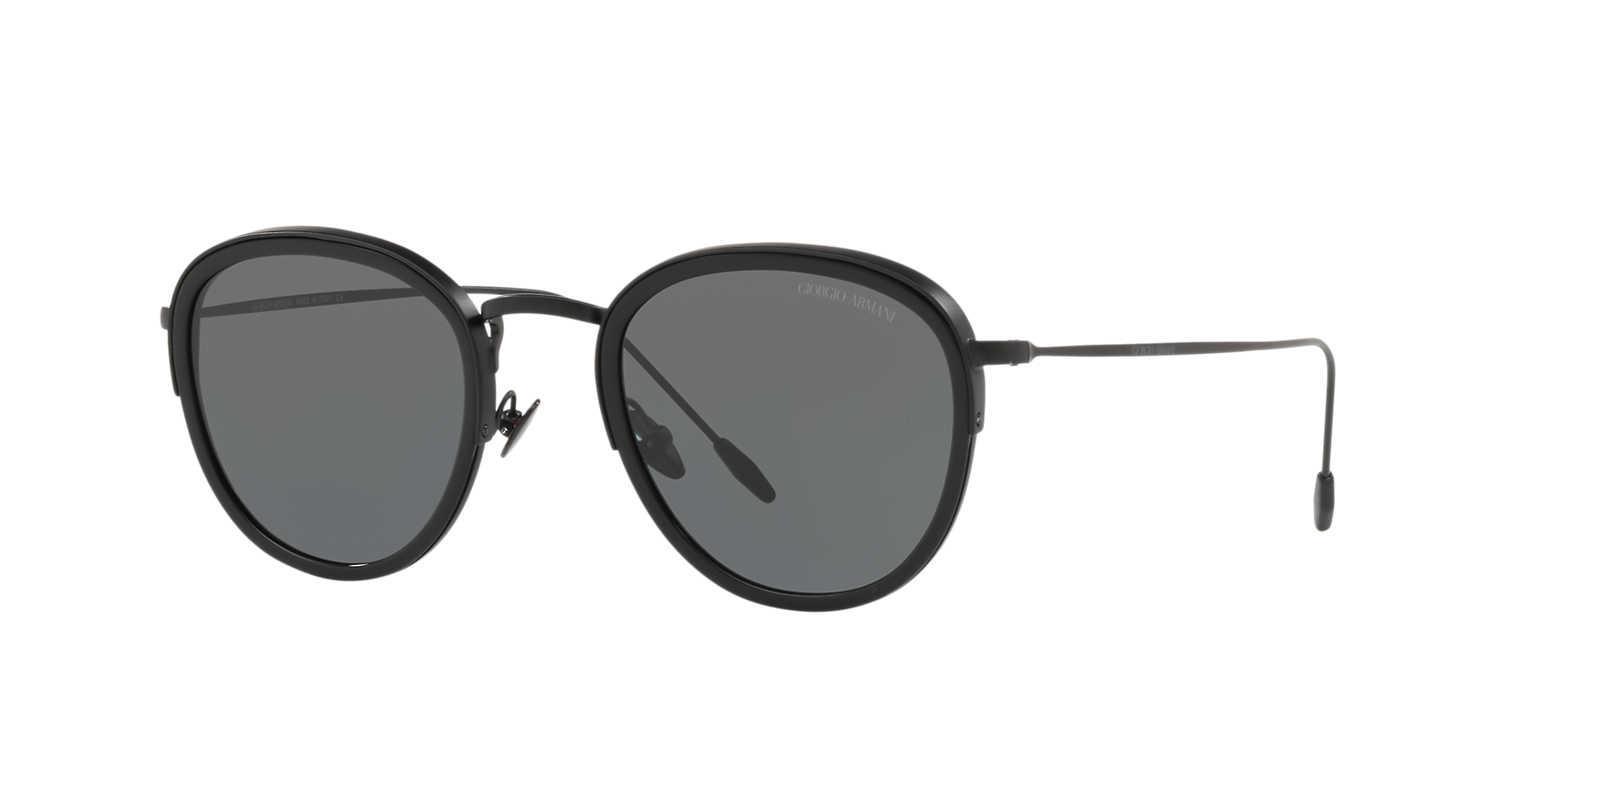 108f018406a Giorgio Armani Sunglass Ar6068 50 in Gray for Men - Lyst